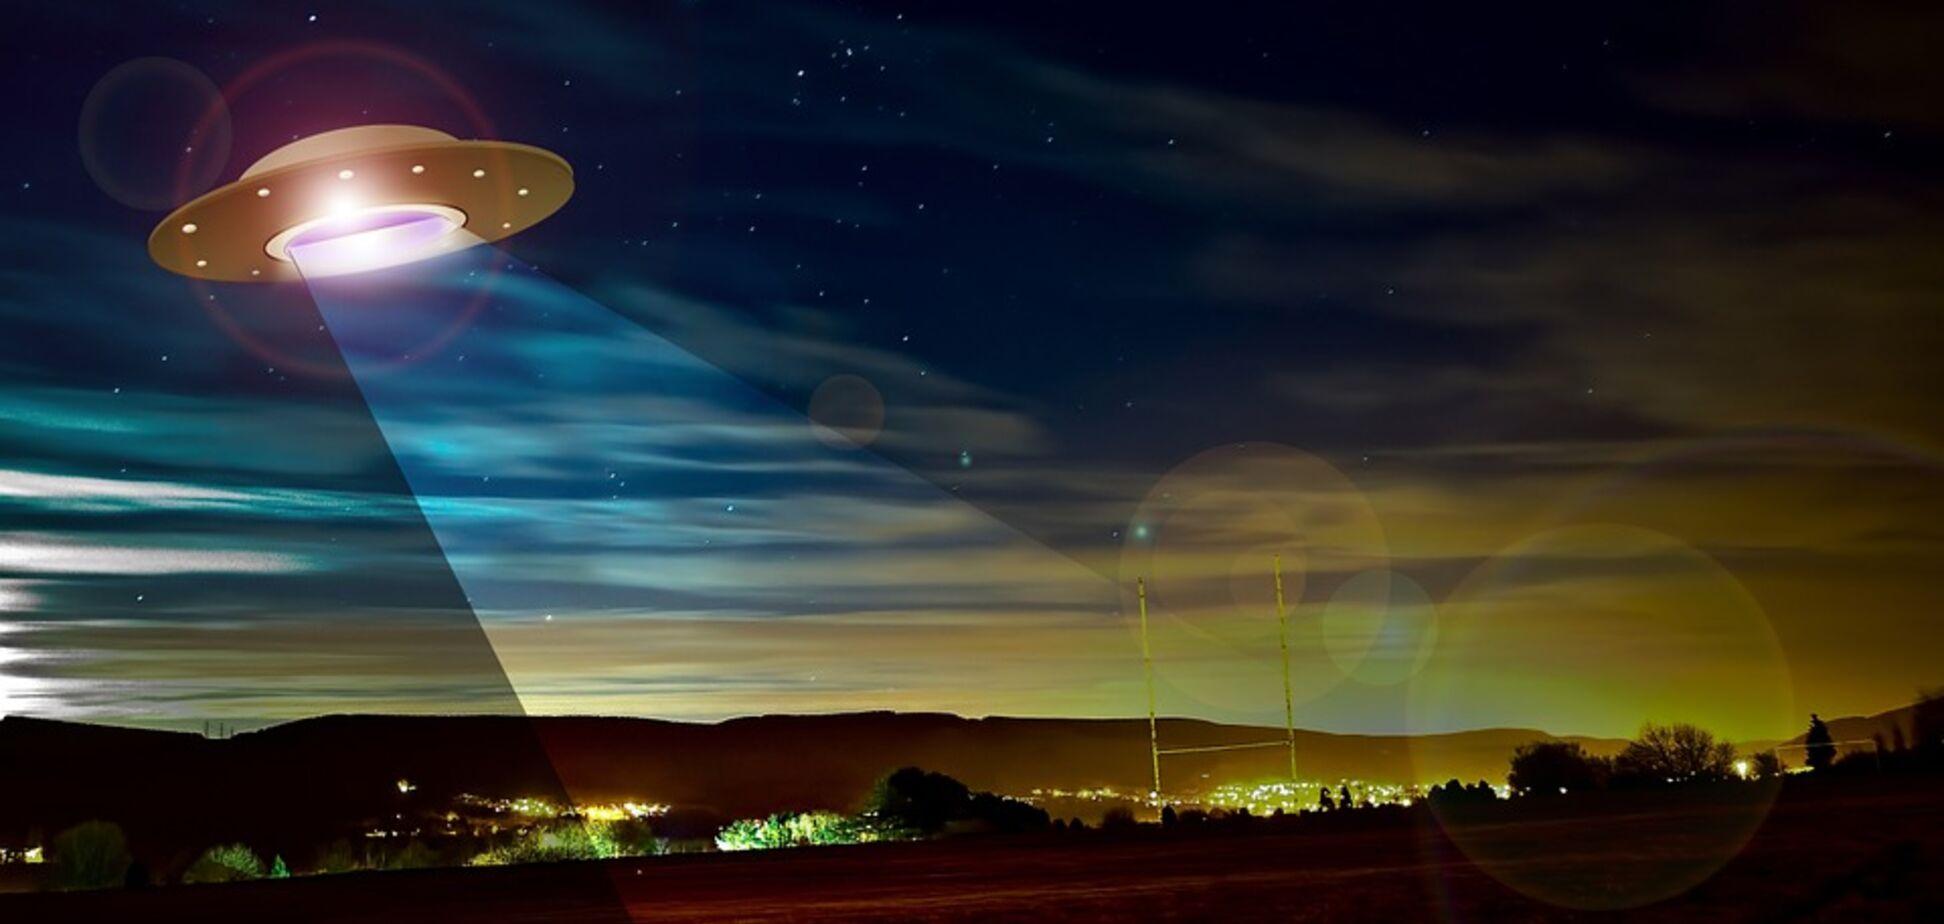 НЛО? В небе над Одессой заметили странный объект: видео